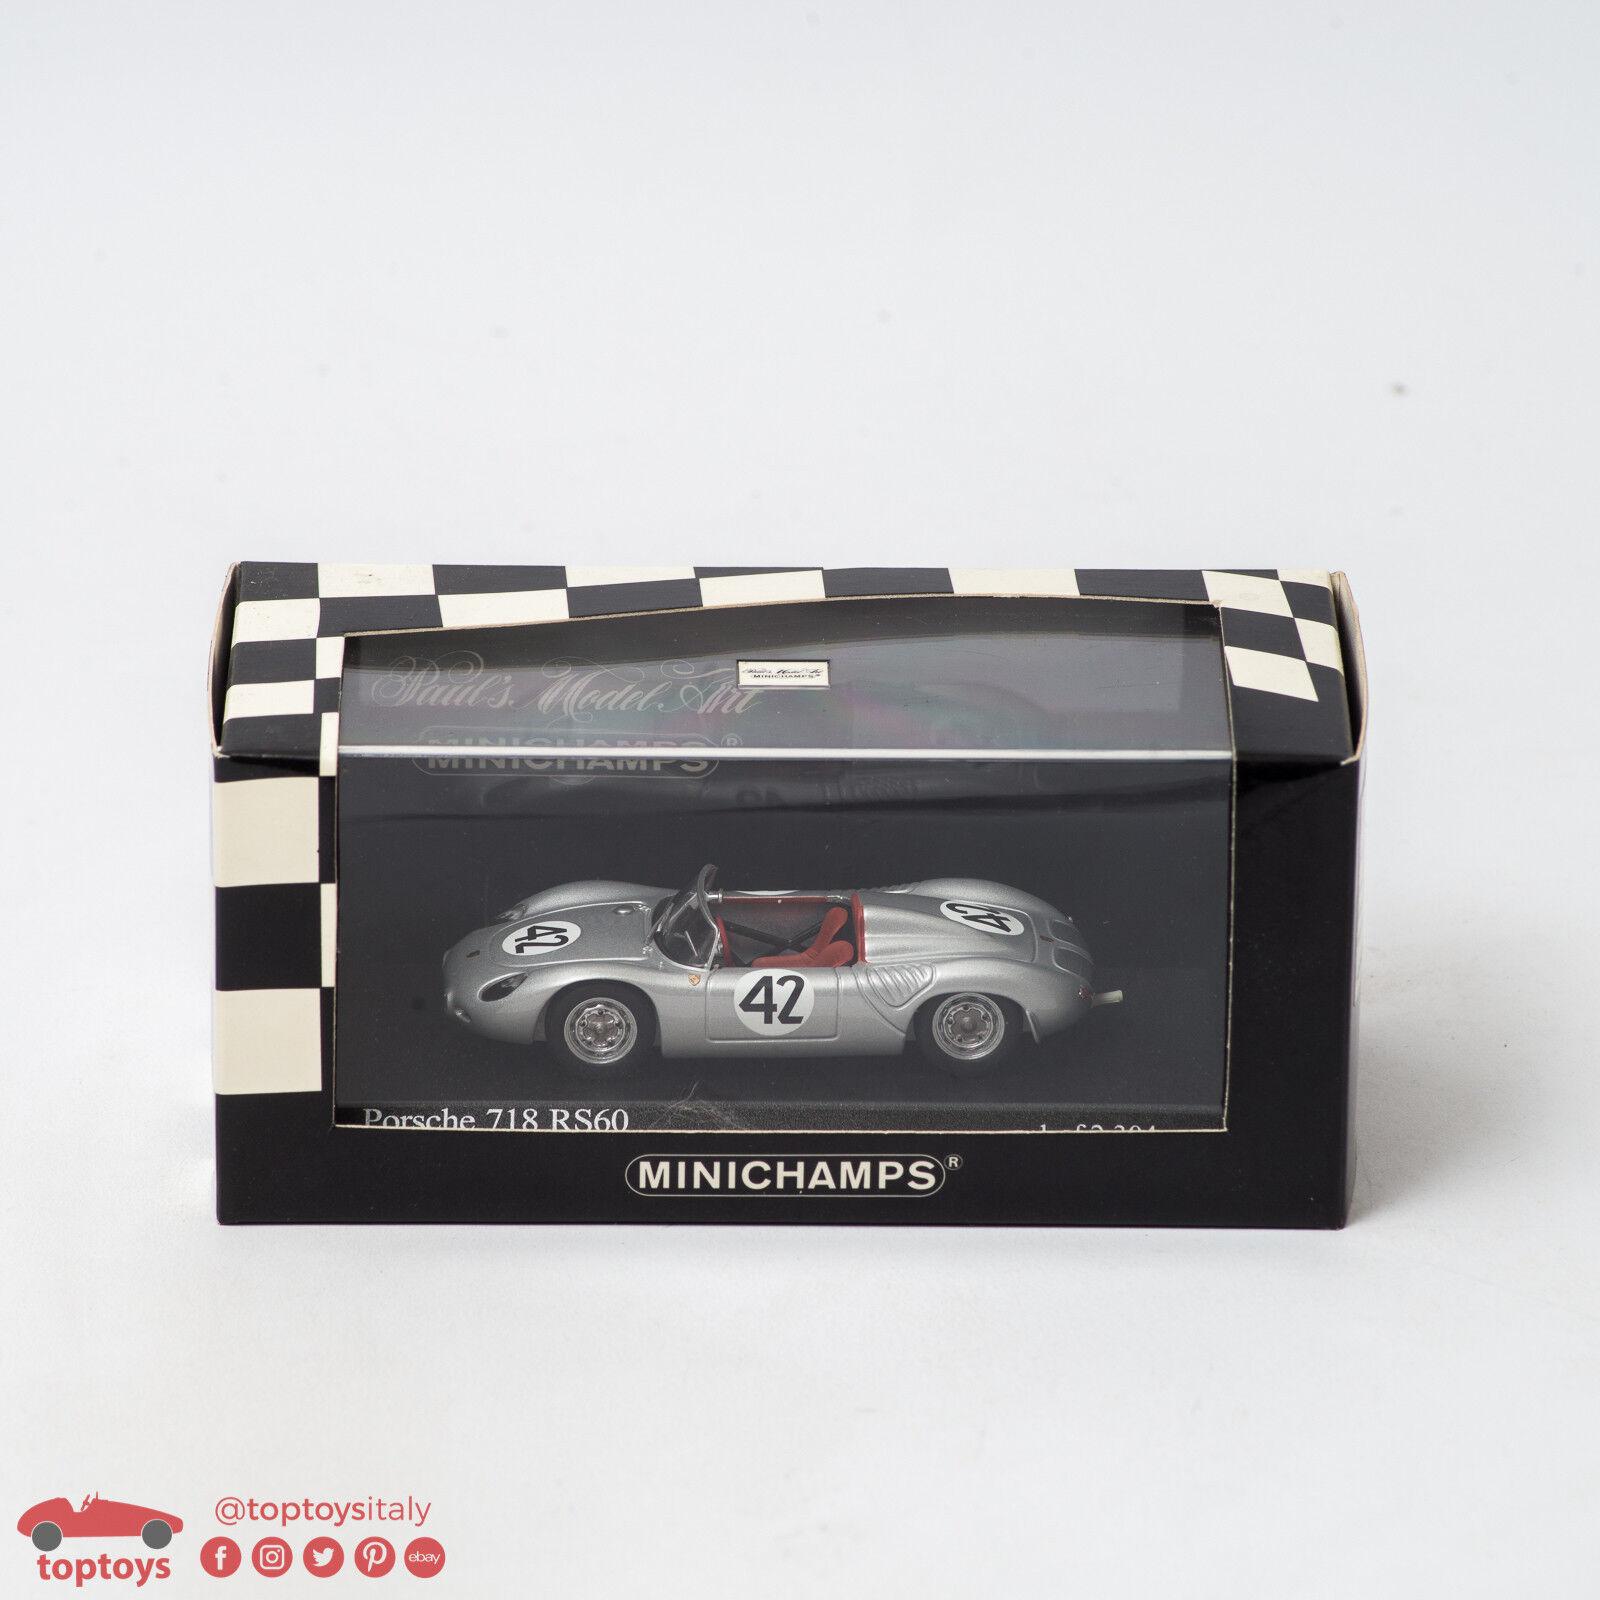 la mejor oferta de tienda online PAUL'S MODEL ART MINICHAMPS Porsche 718 718 718 RS60 Sebring 12h 1960 Hermann 1 43 MIB  Venta al por mayor barato y de alta calidad.